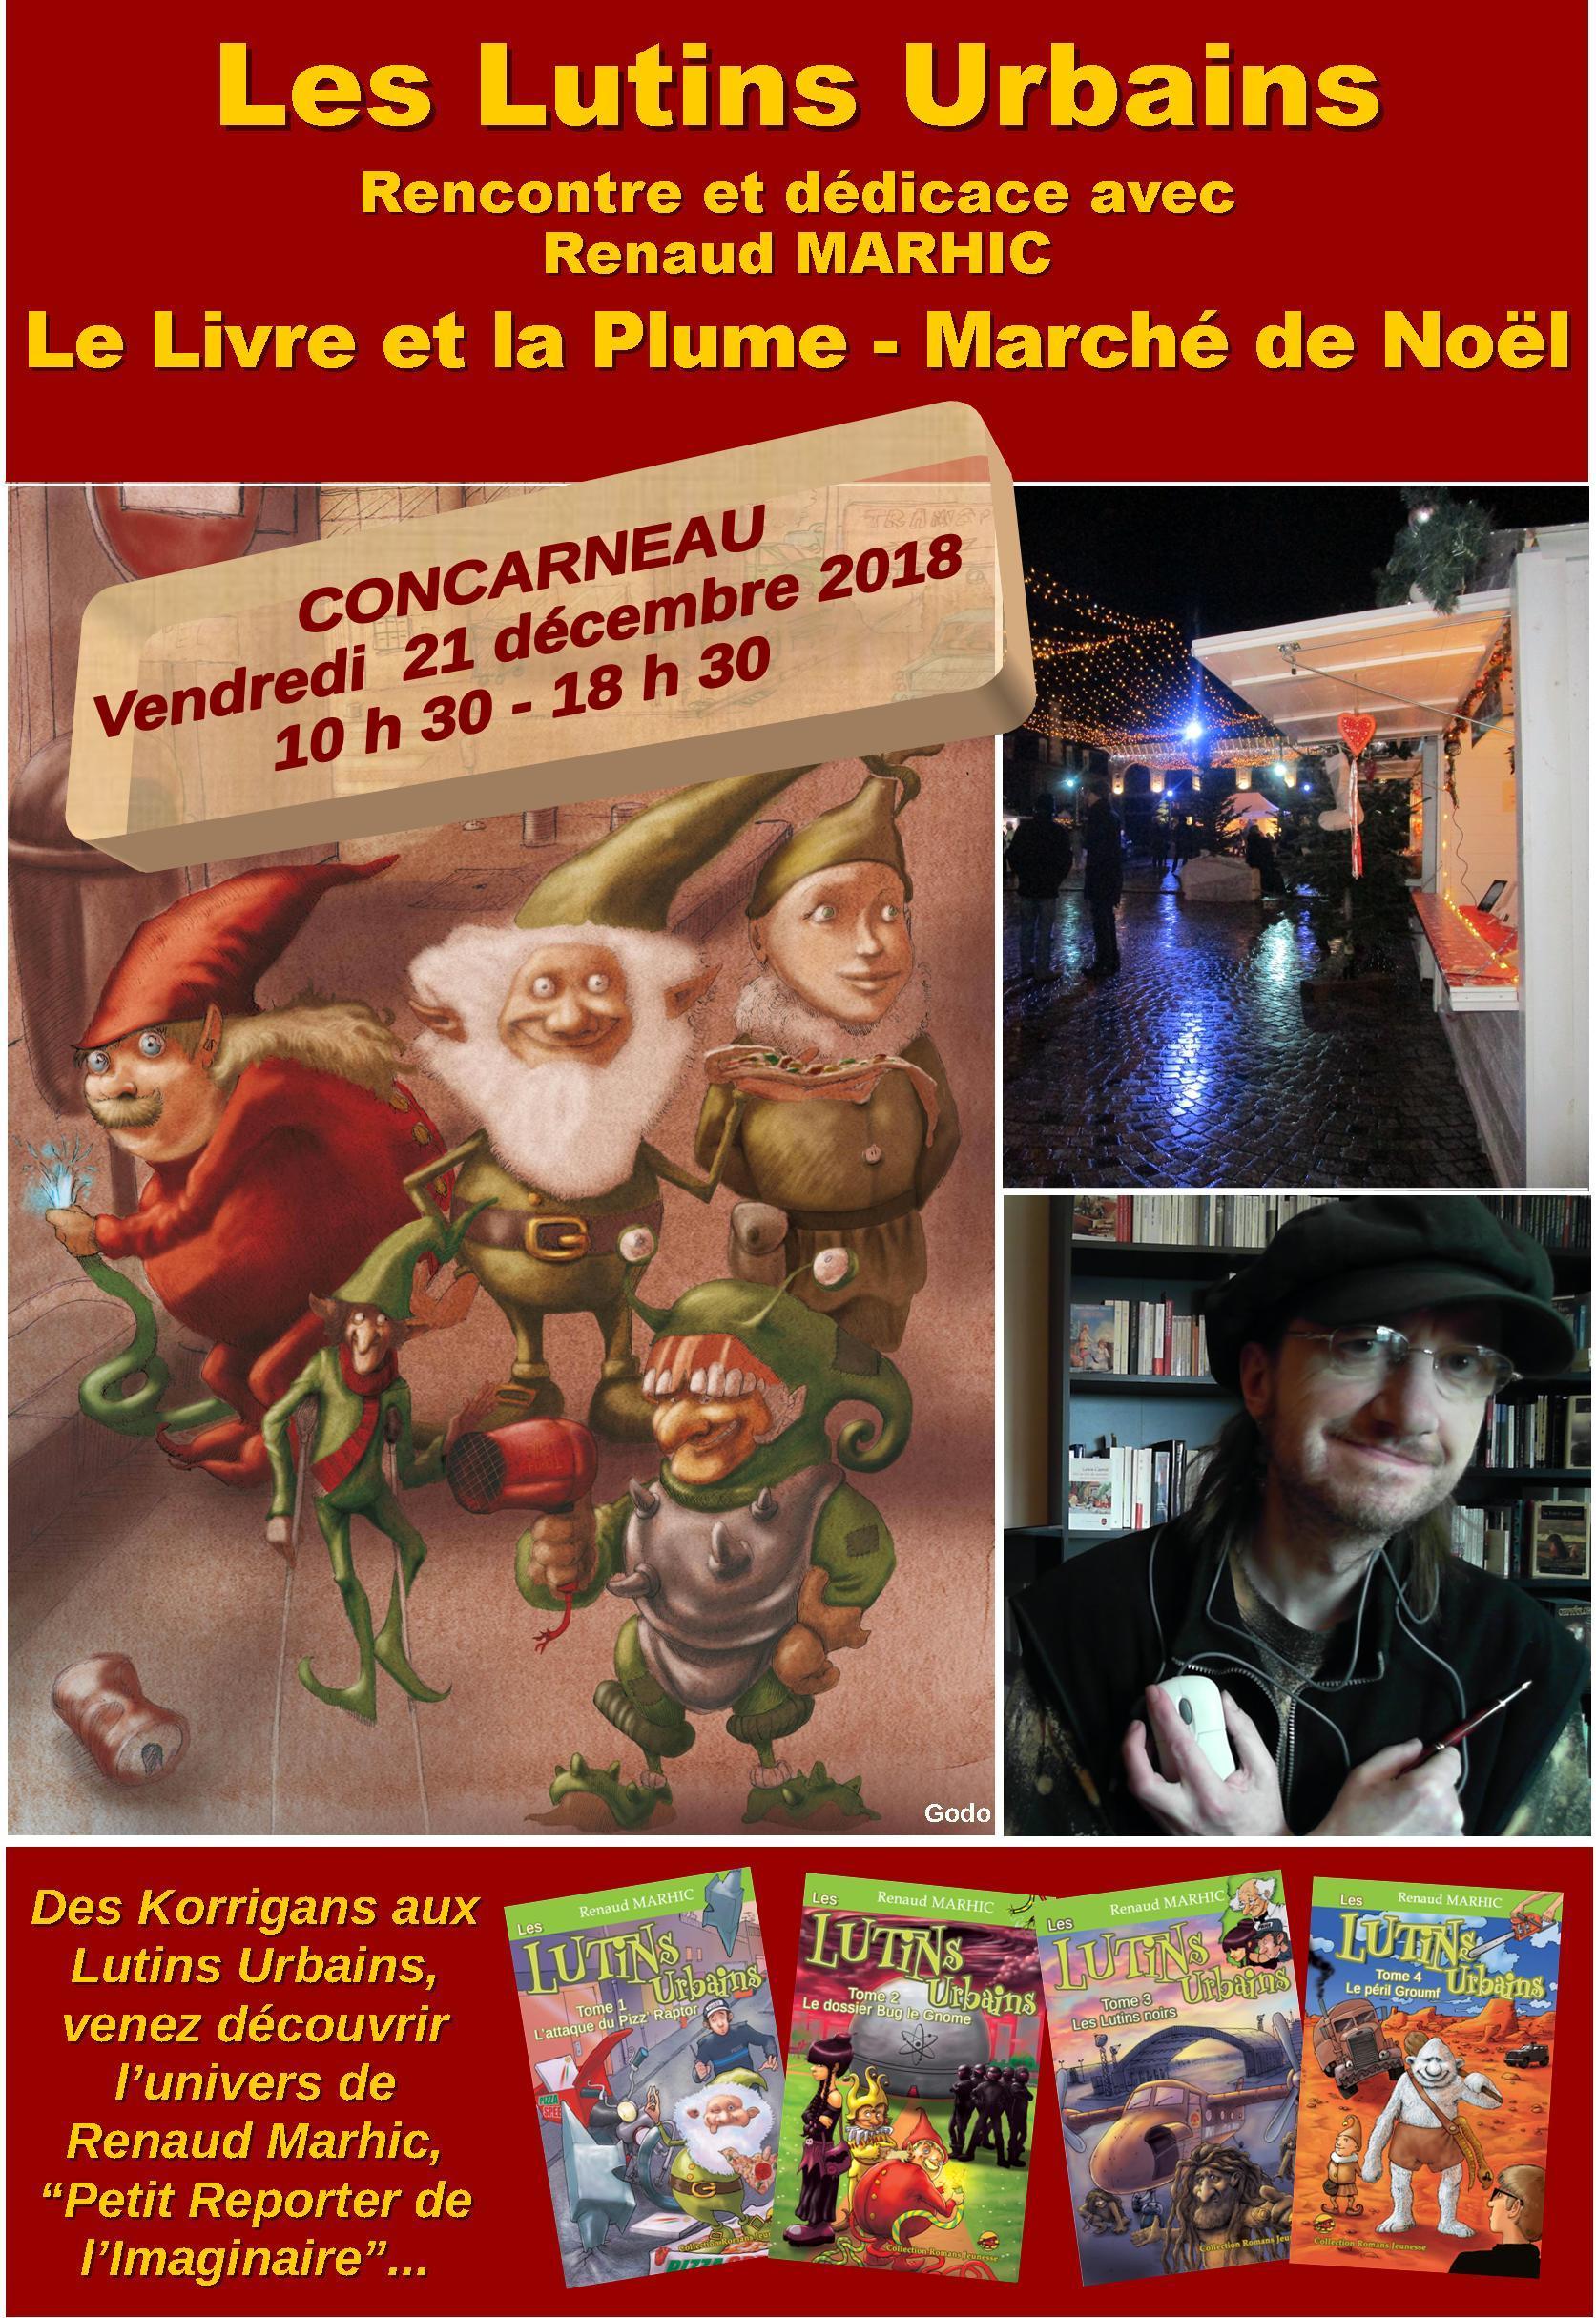 Les Lutins Urbains au Marché de Noël de Concarneau